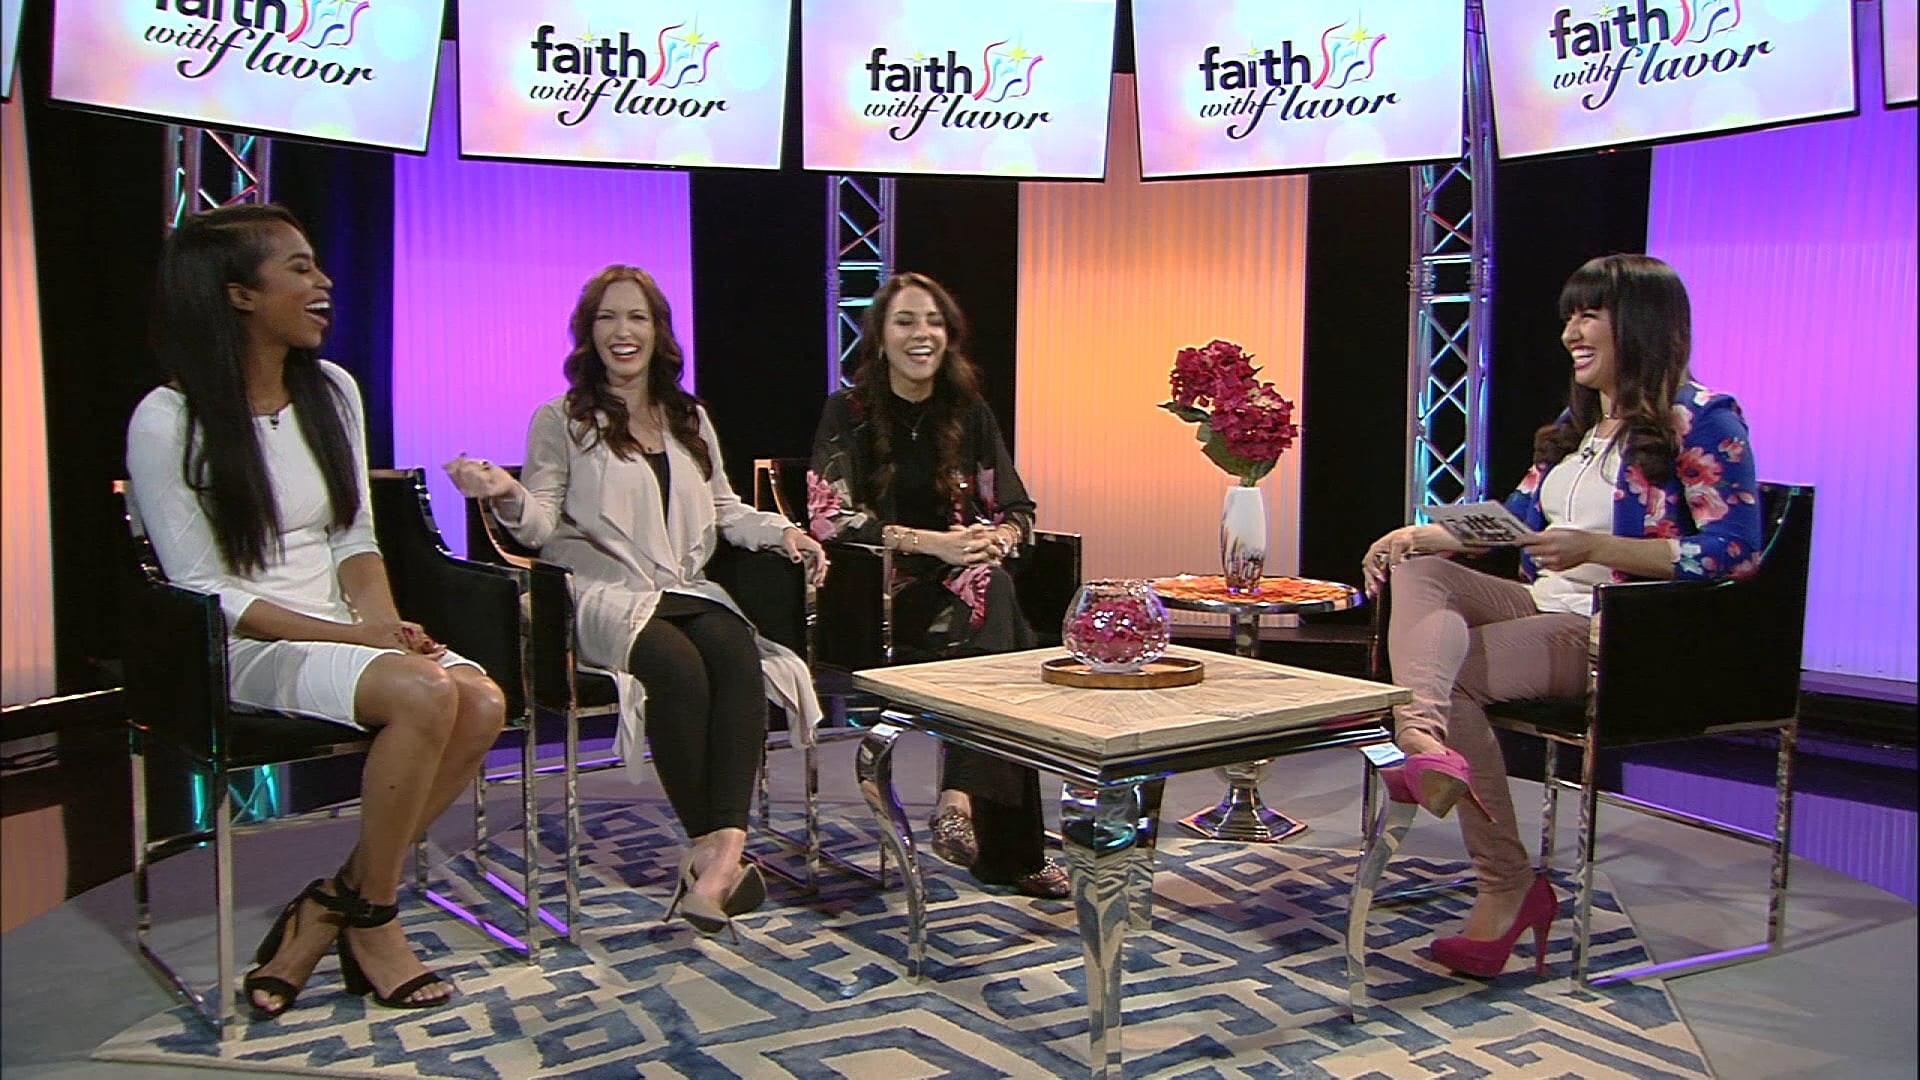 Busty faith video